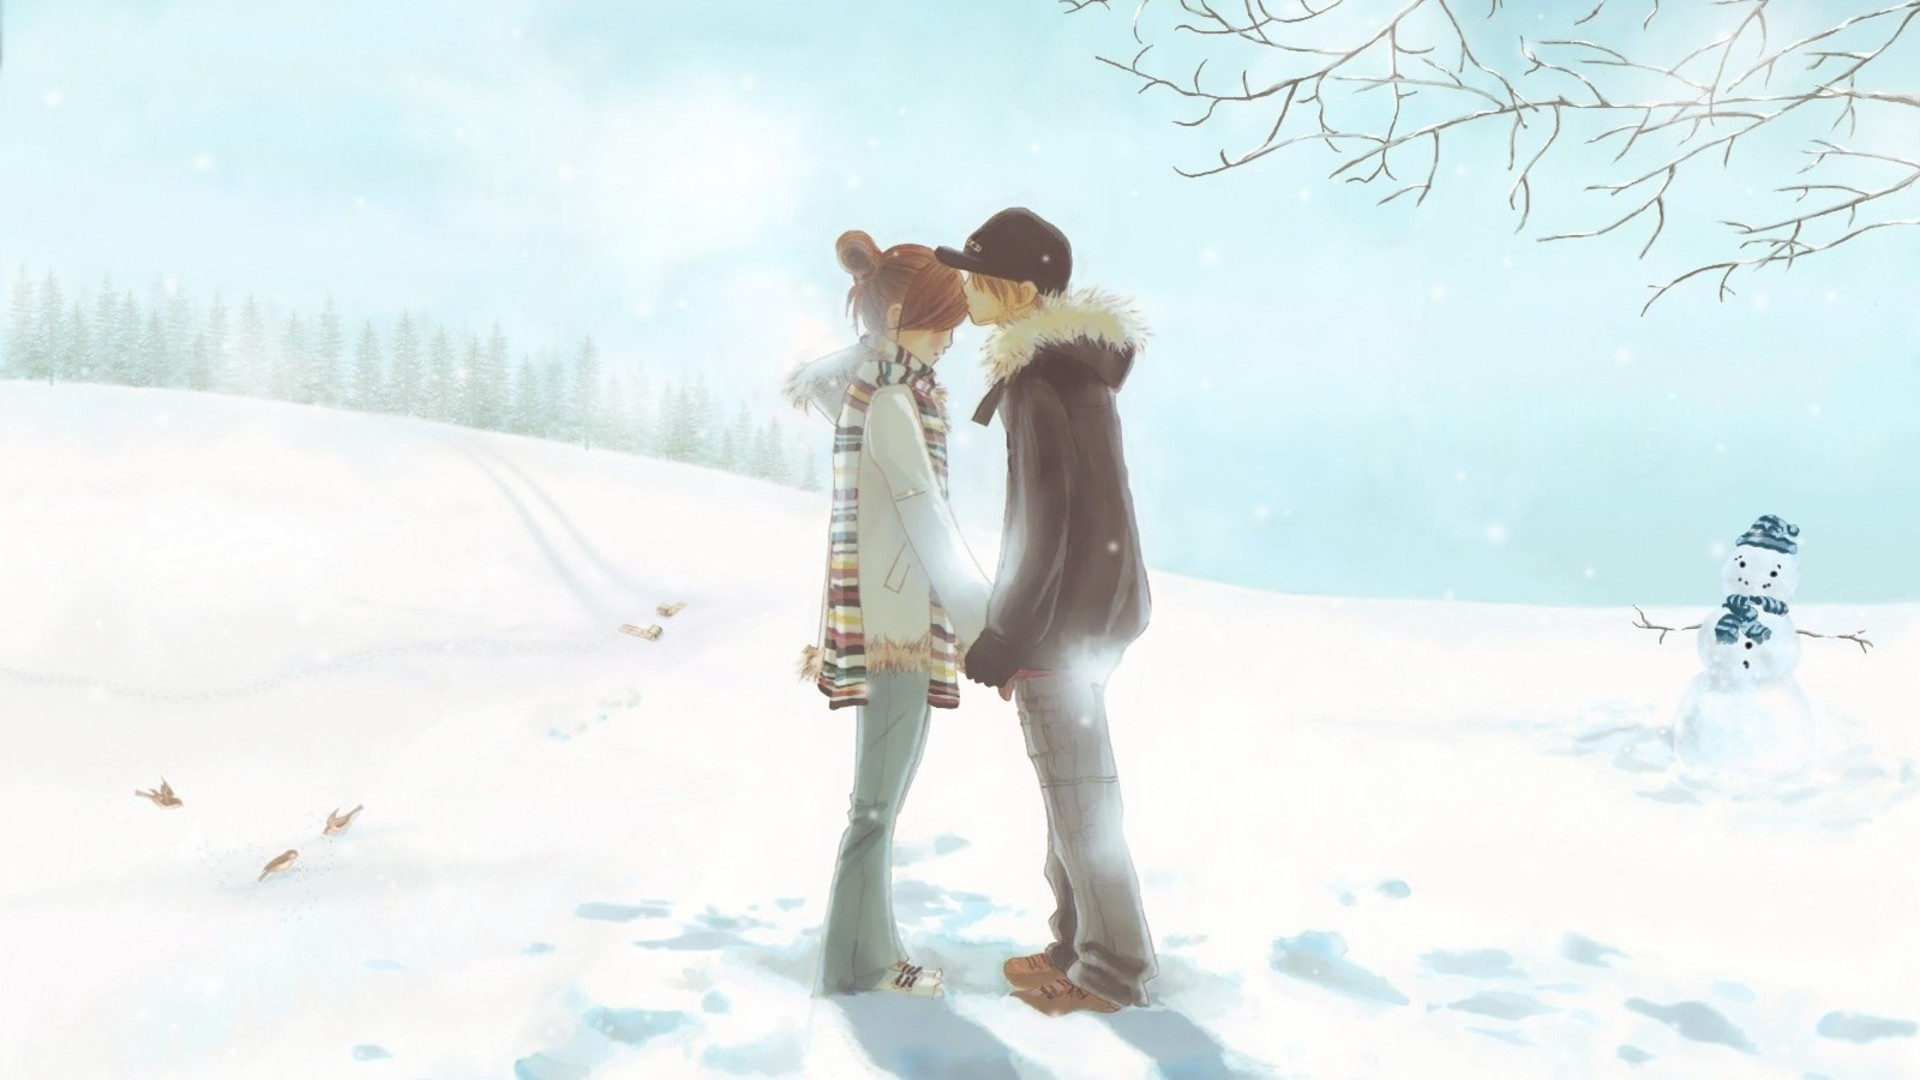 Most Inspiring Wallpaper Love Winter - wallls  HD_261397.jpg